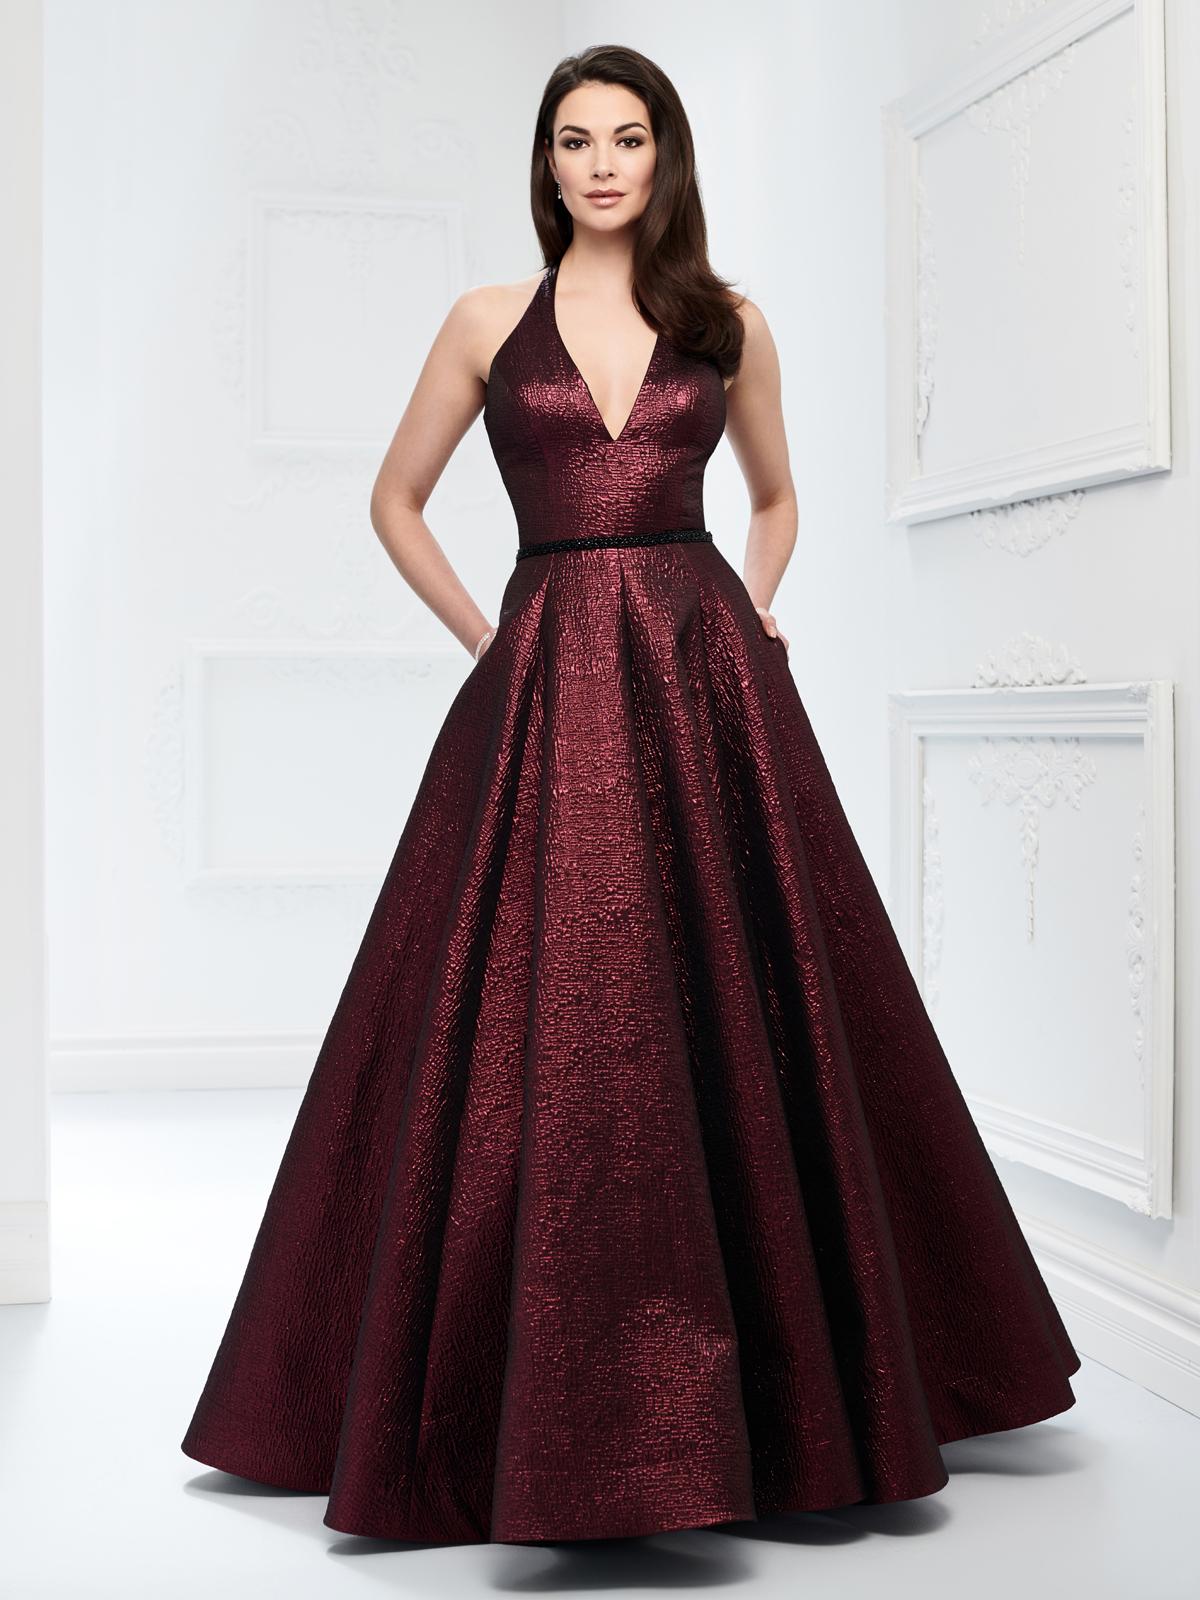 Tecido metálico trazem brilho e glamour para esse vestido de festa, decote V, detalhe de bordado em pedrarias na cintura e saia com pregas macho vem valorizar esse modelo.